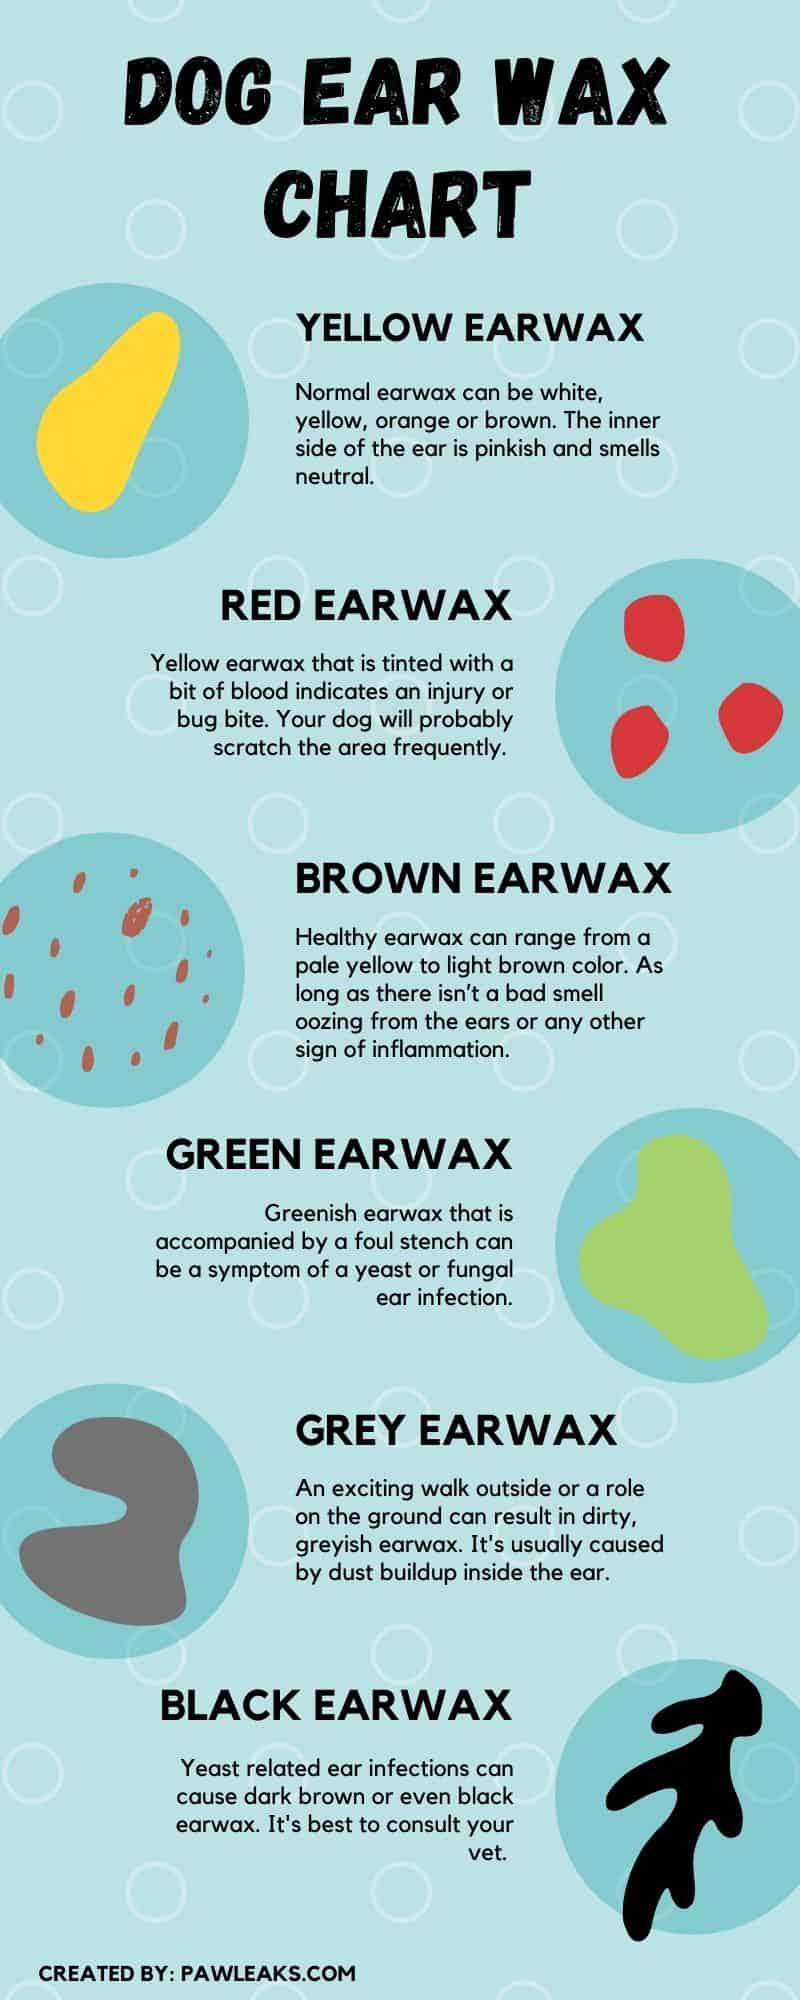 Dog ear wax color chart